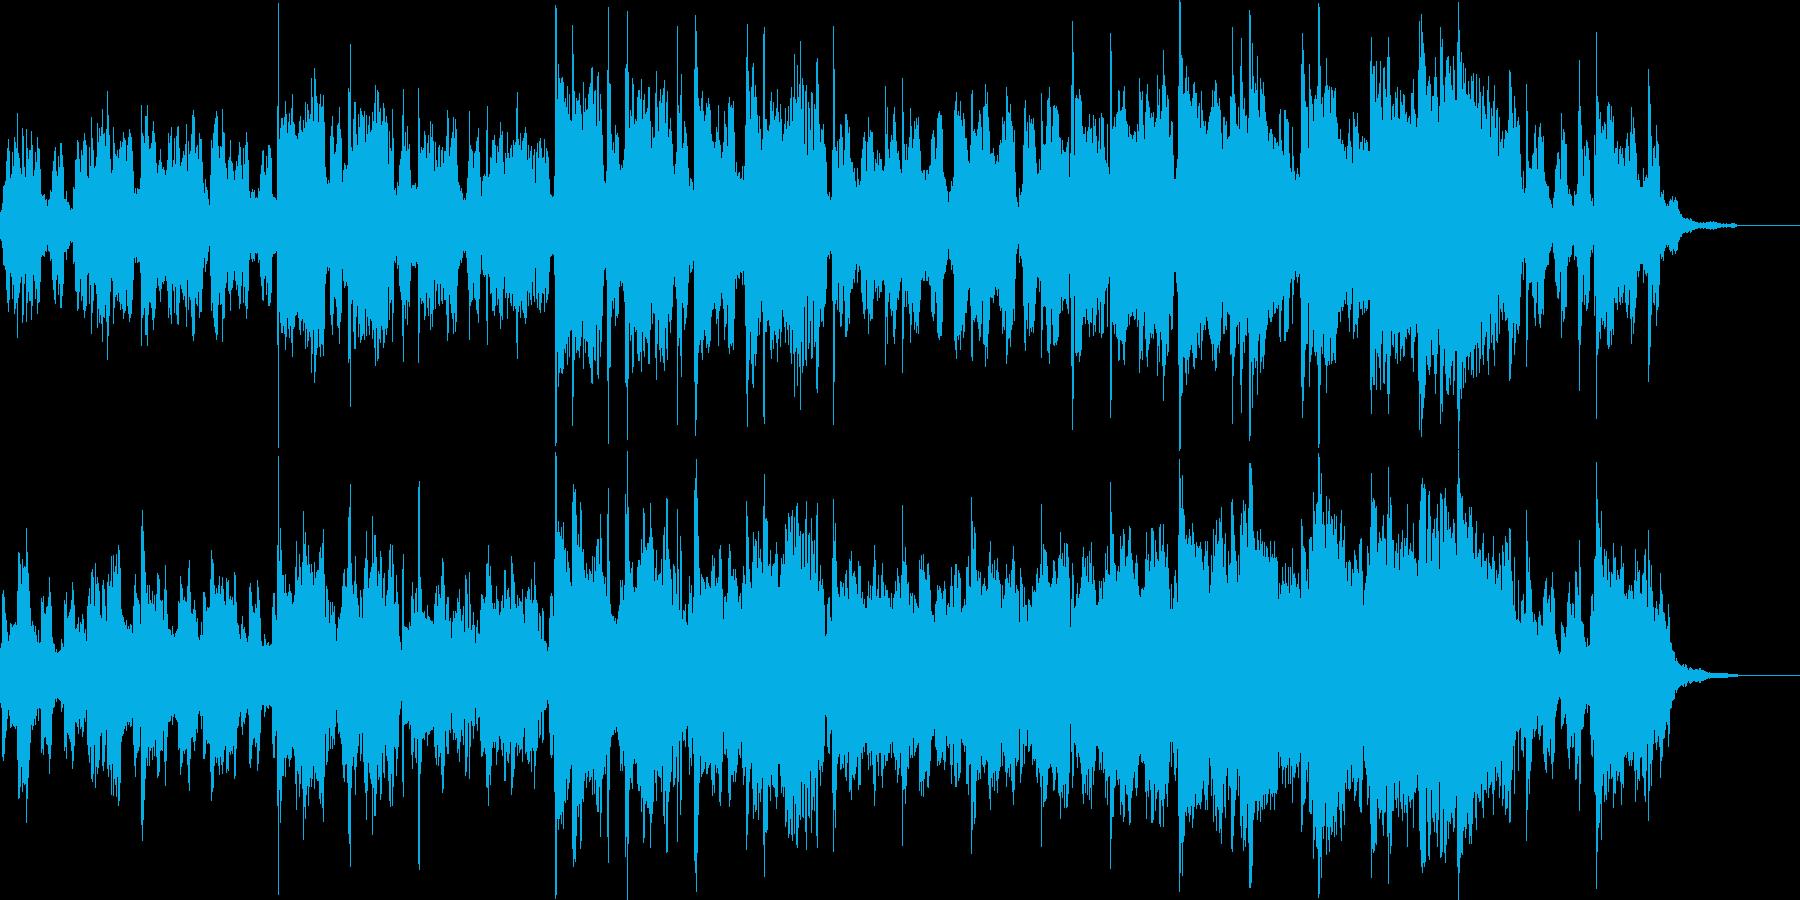 癒:凛とした神社系和風ファンタジー曲の再生済みの波形